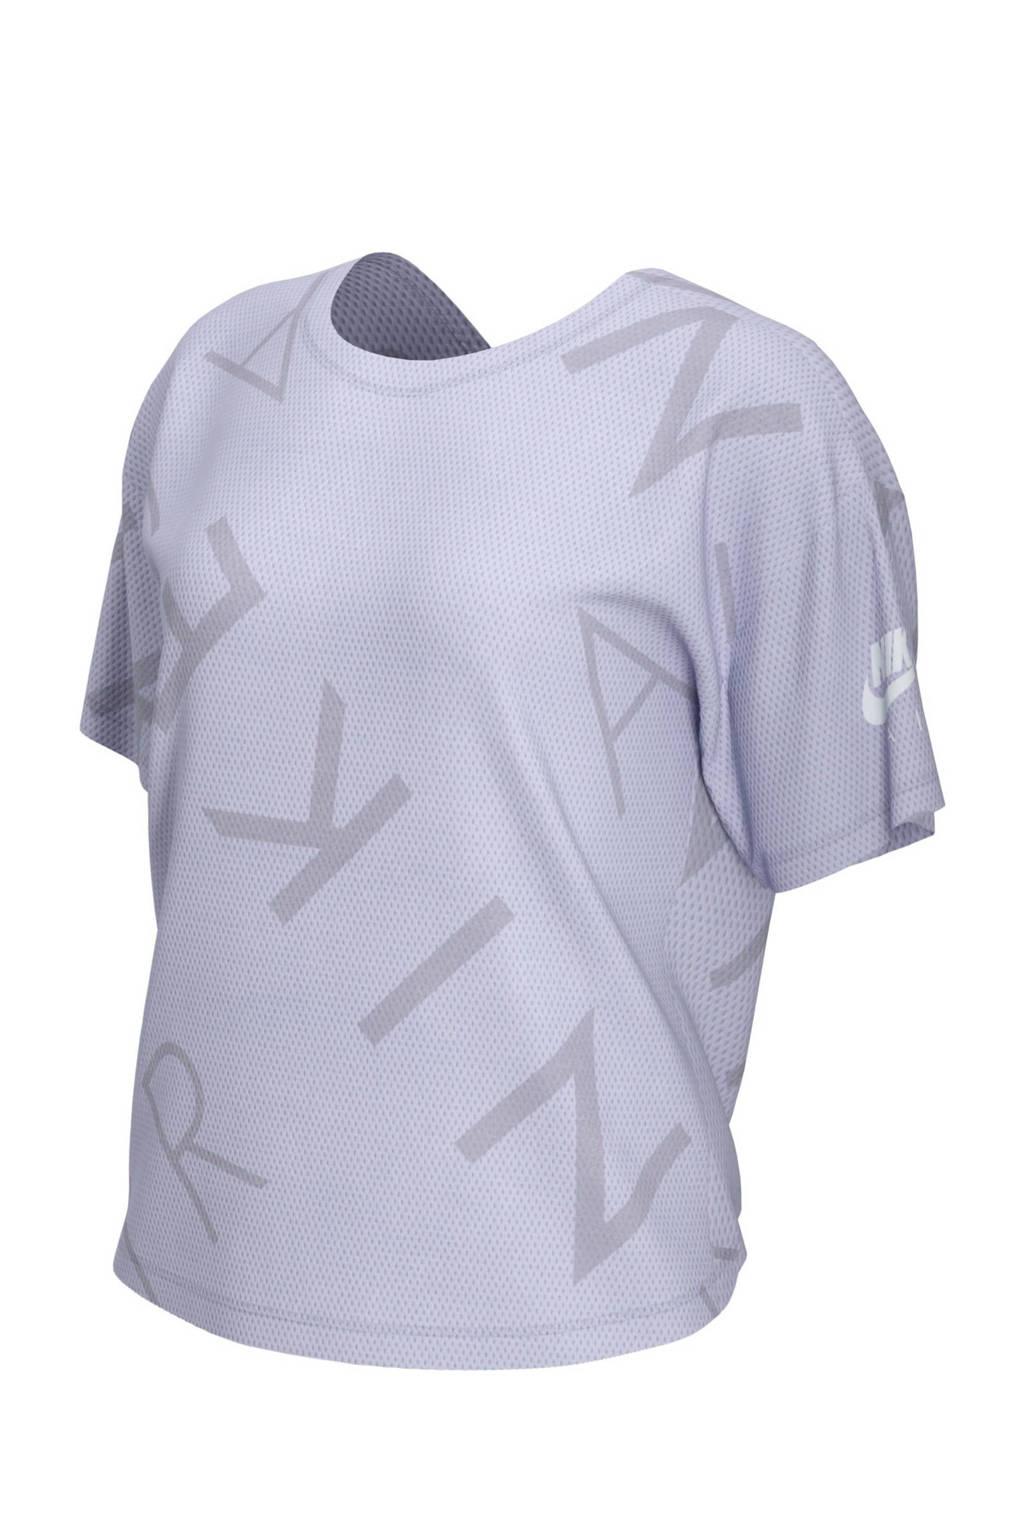 Nike Air hardloop T-shirt lavendel, Lavendel